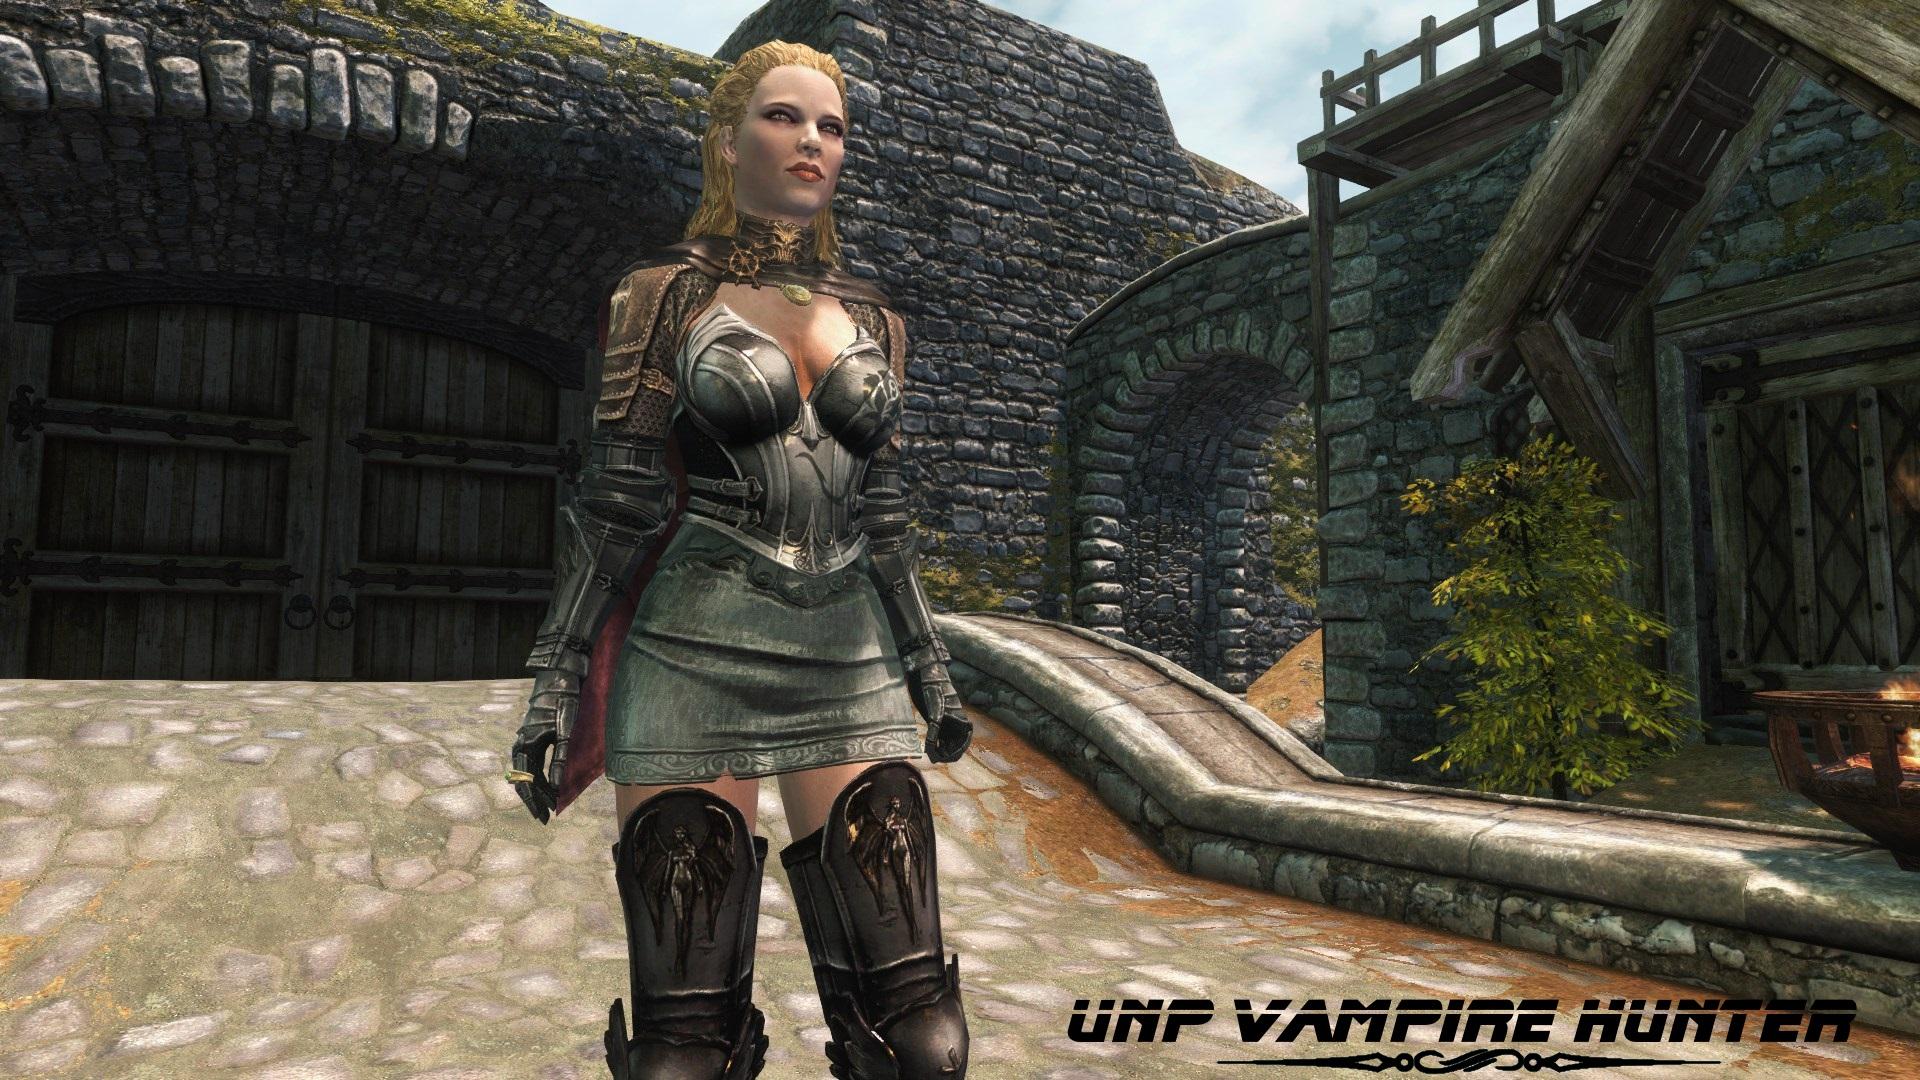 UNP_Vampire_Hunter.jpg